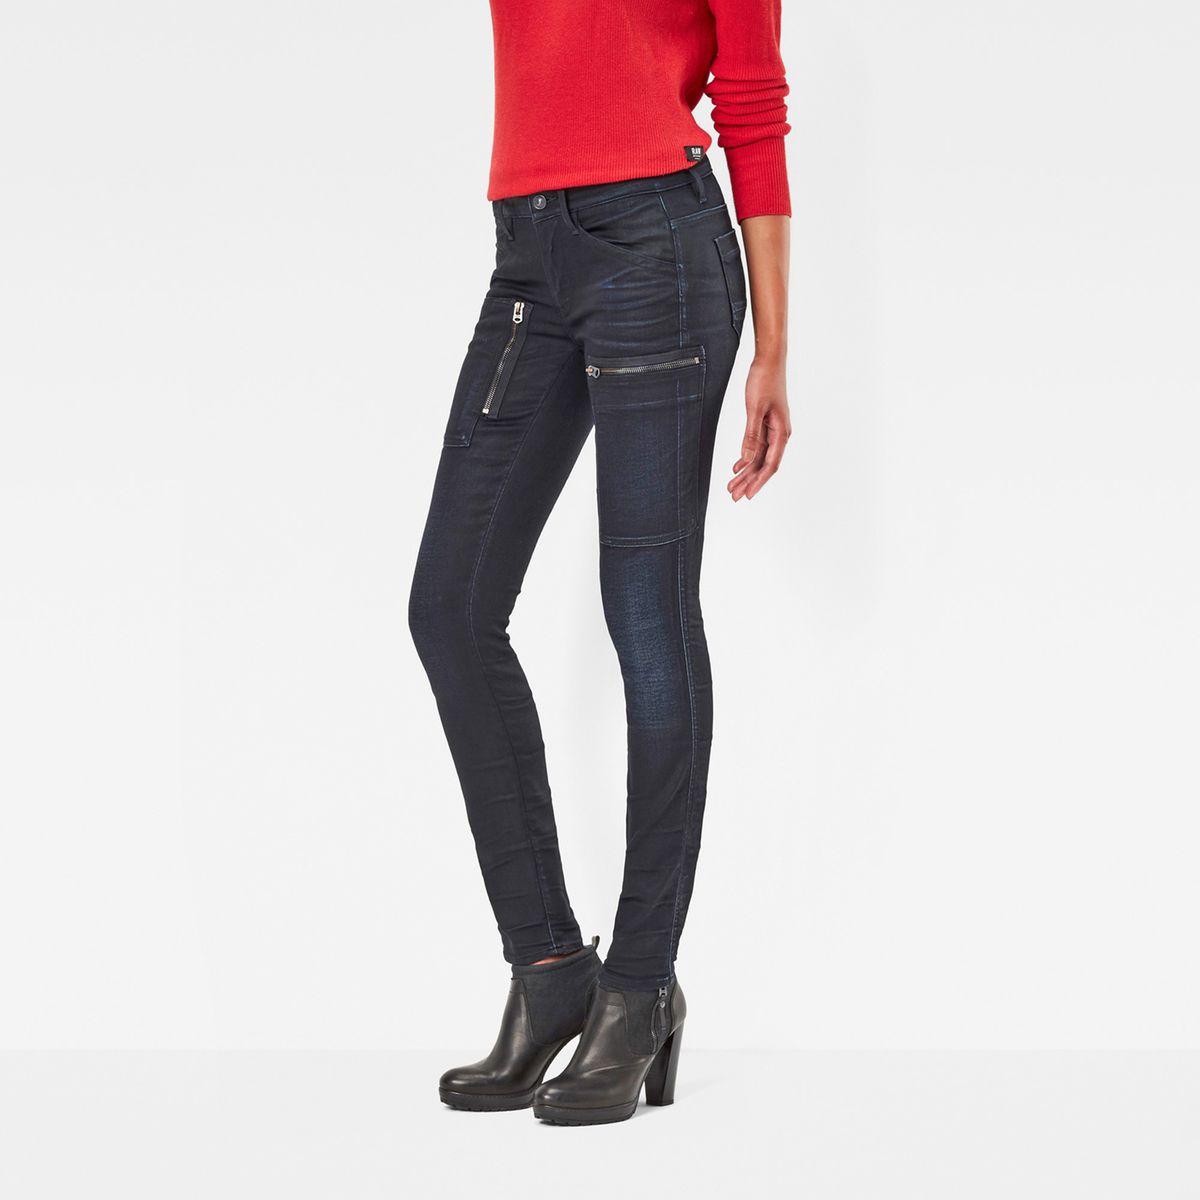 jean powel skinny taille standard g star jeans femme la. Black Bedroom Furniture Sets. Home Design Ideas